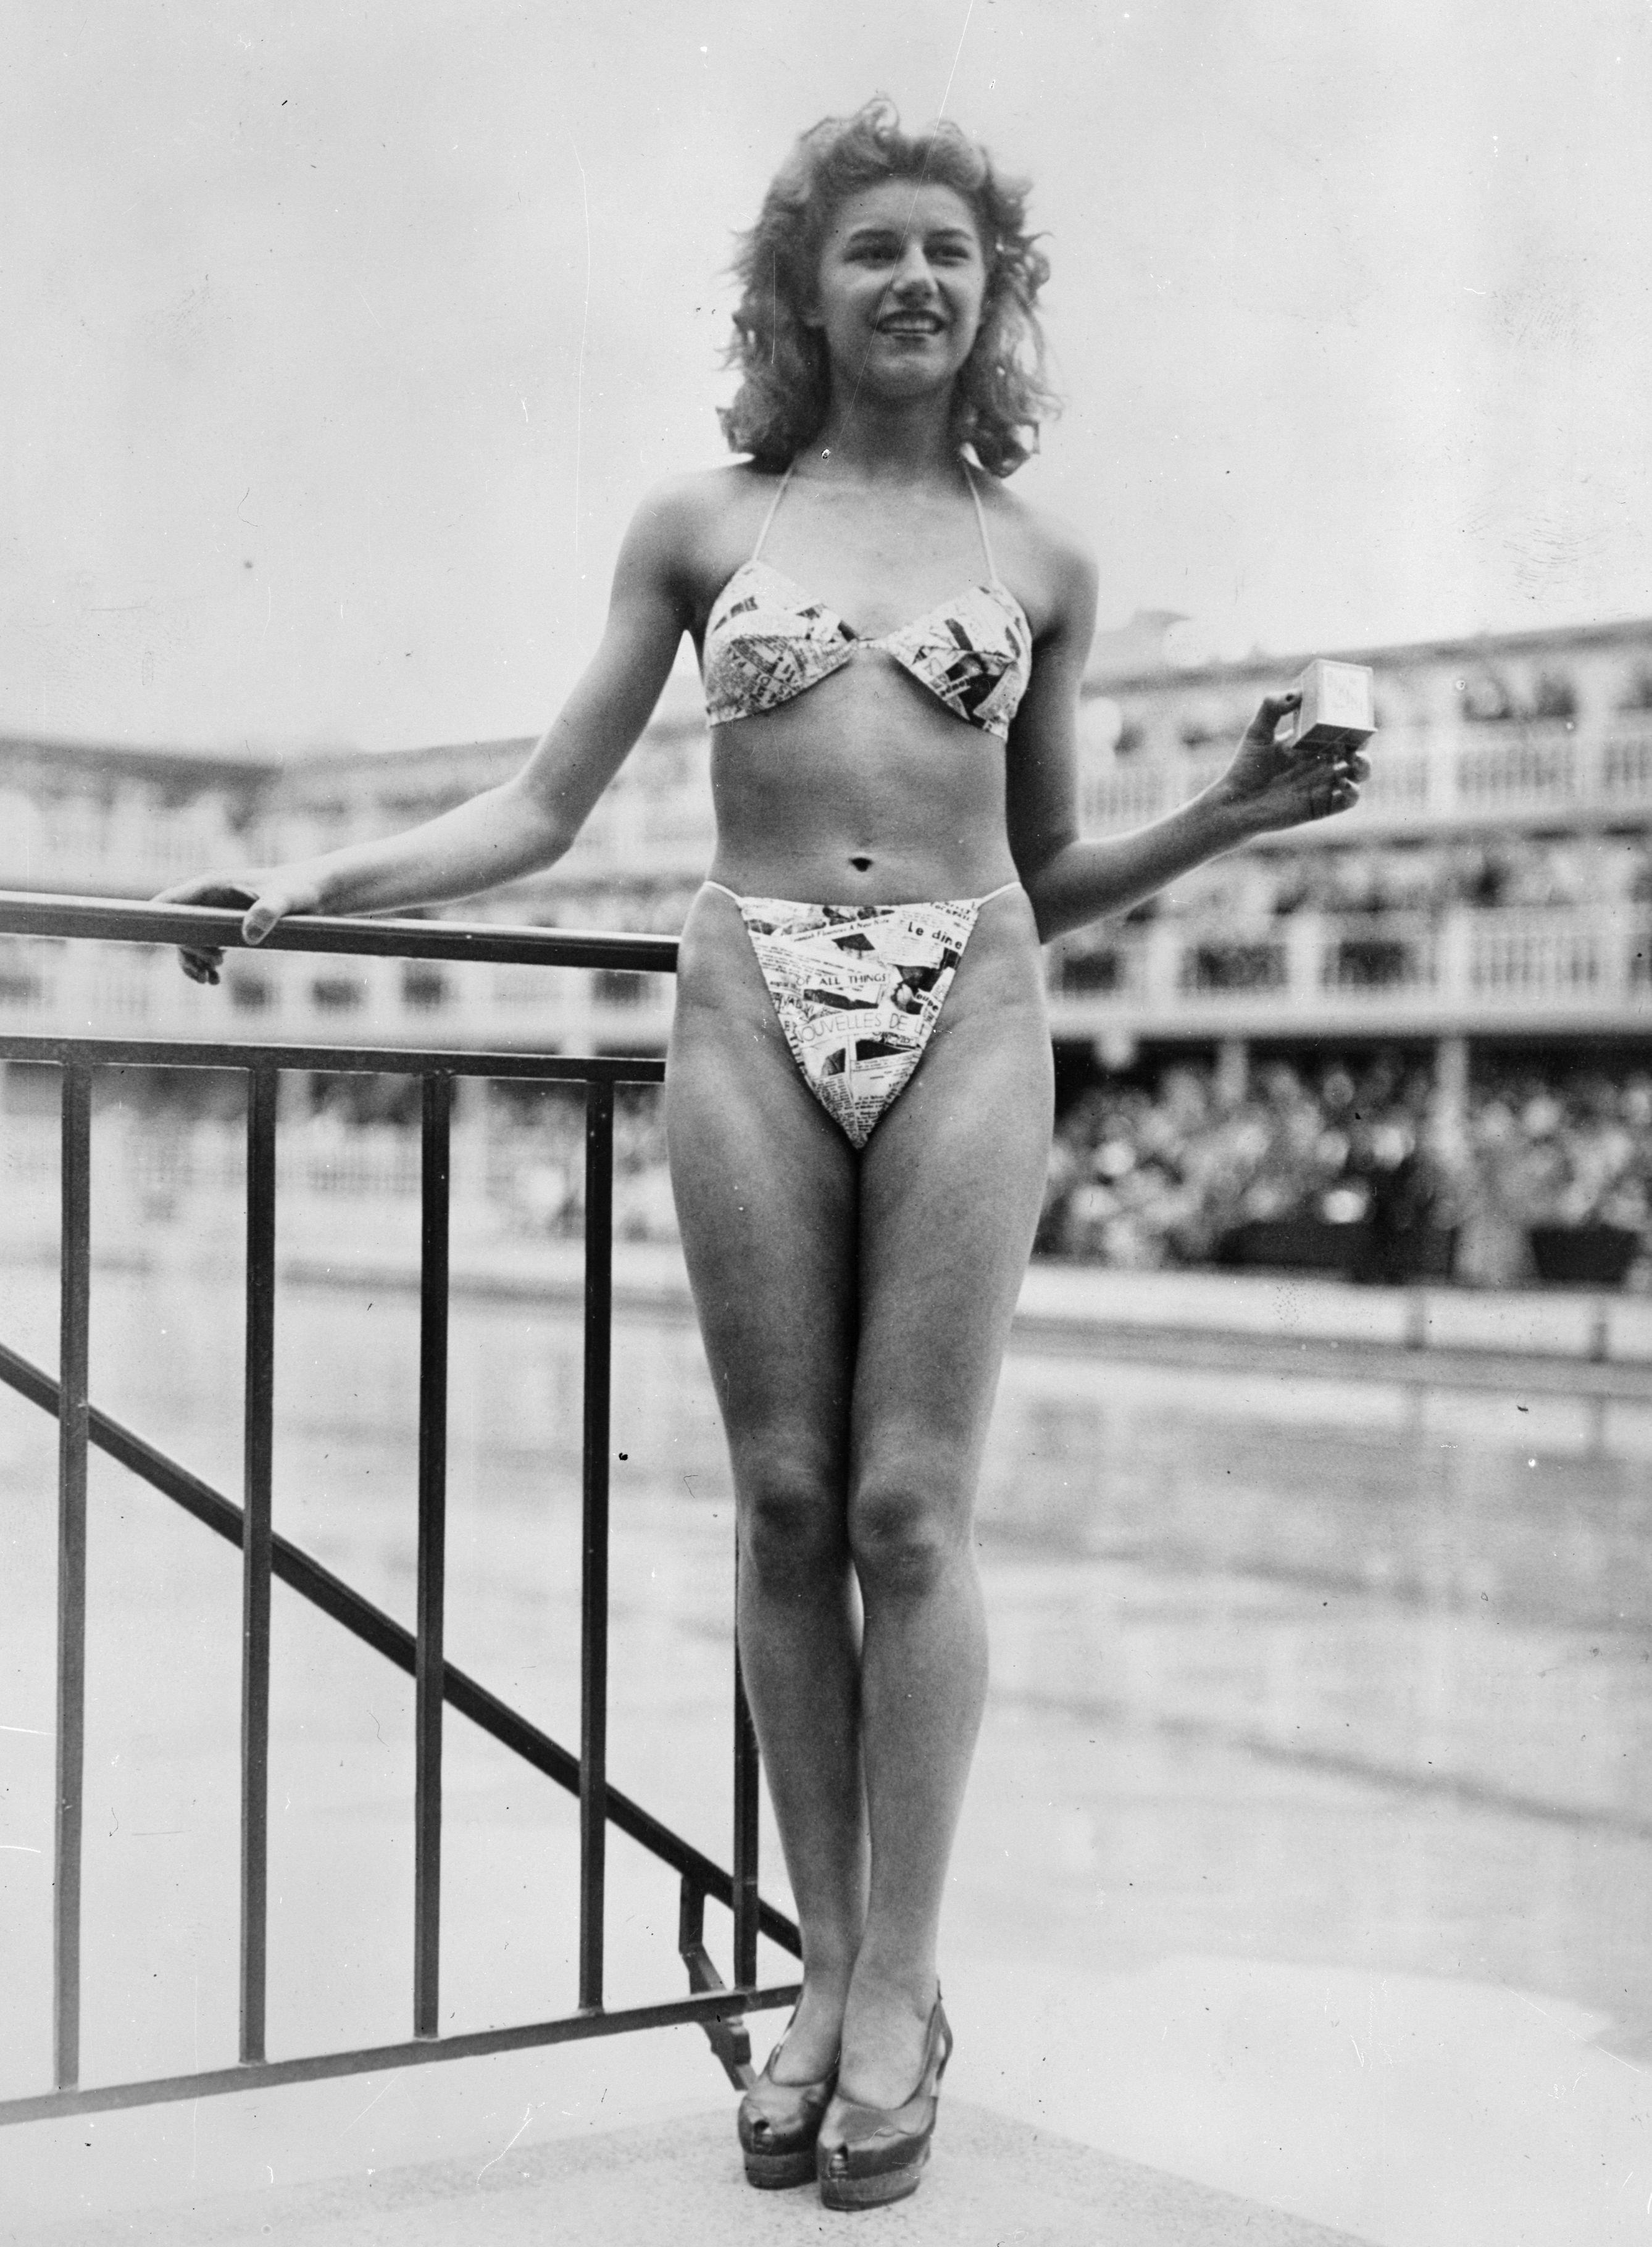 The Creator Of The First Bikini Had Some Pretty Risqué